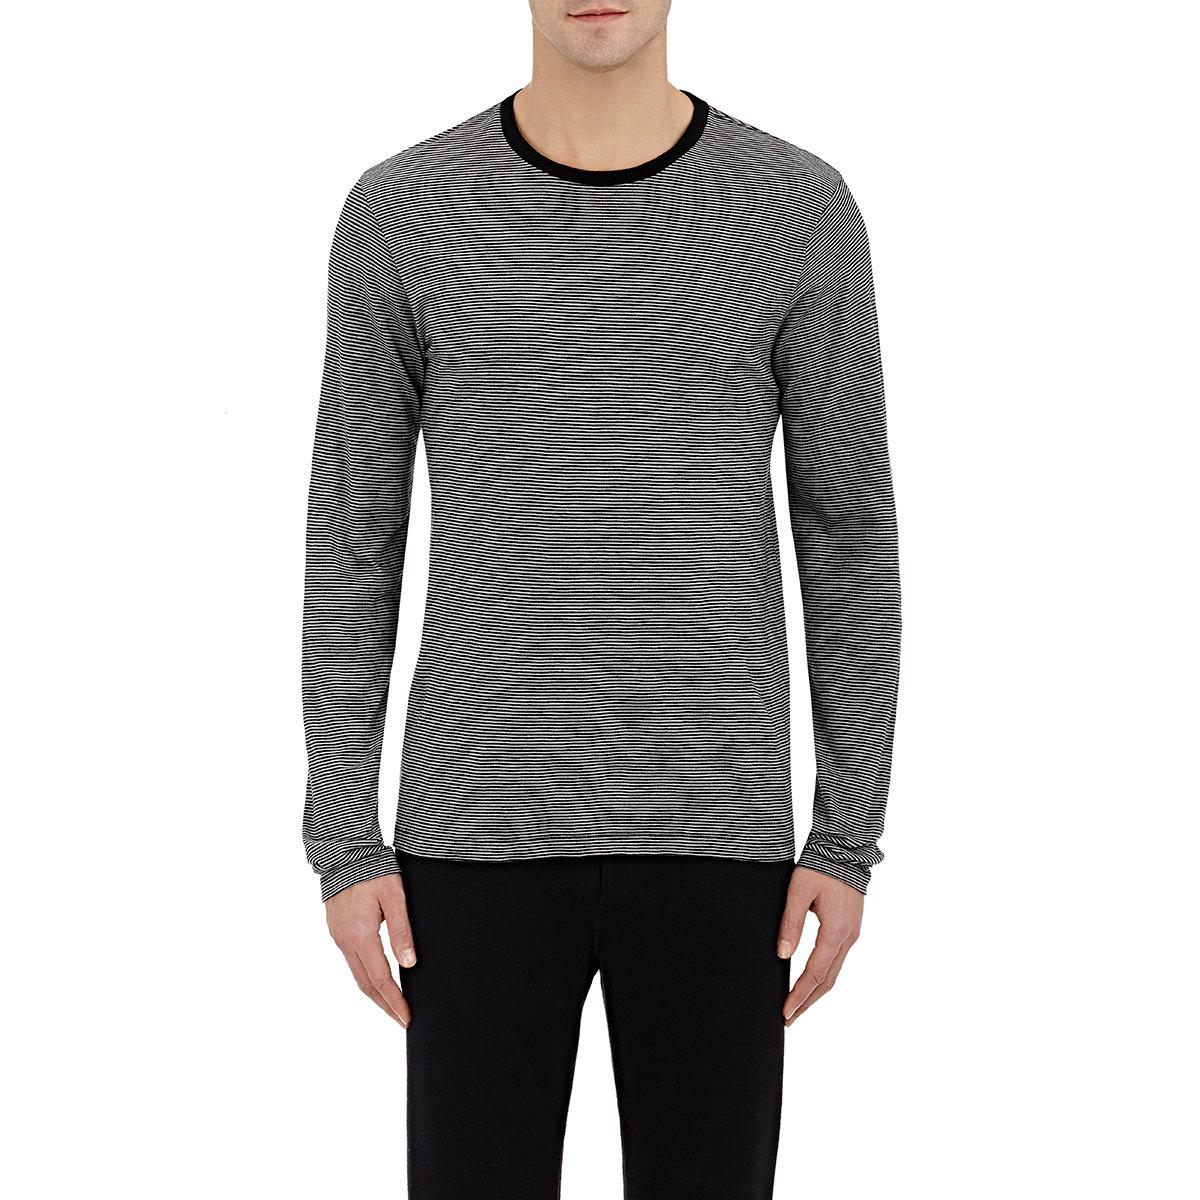 Lyst barneys new york men 39 s striped long sleeve t shirt for Mens striped long sleeve t shirt